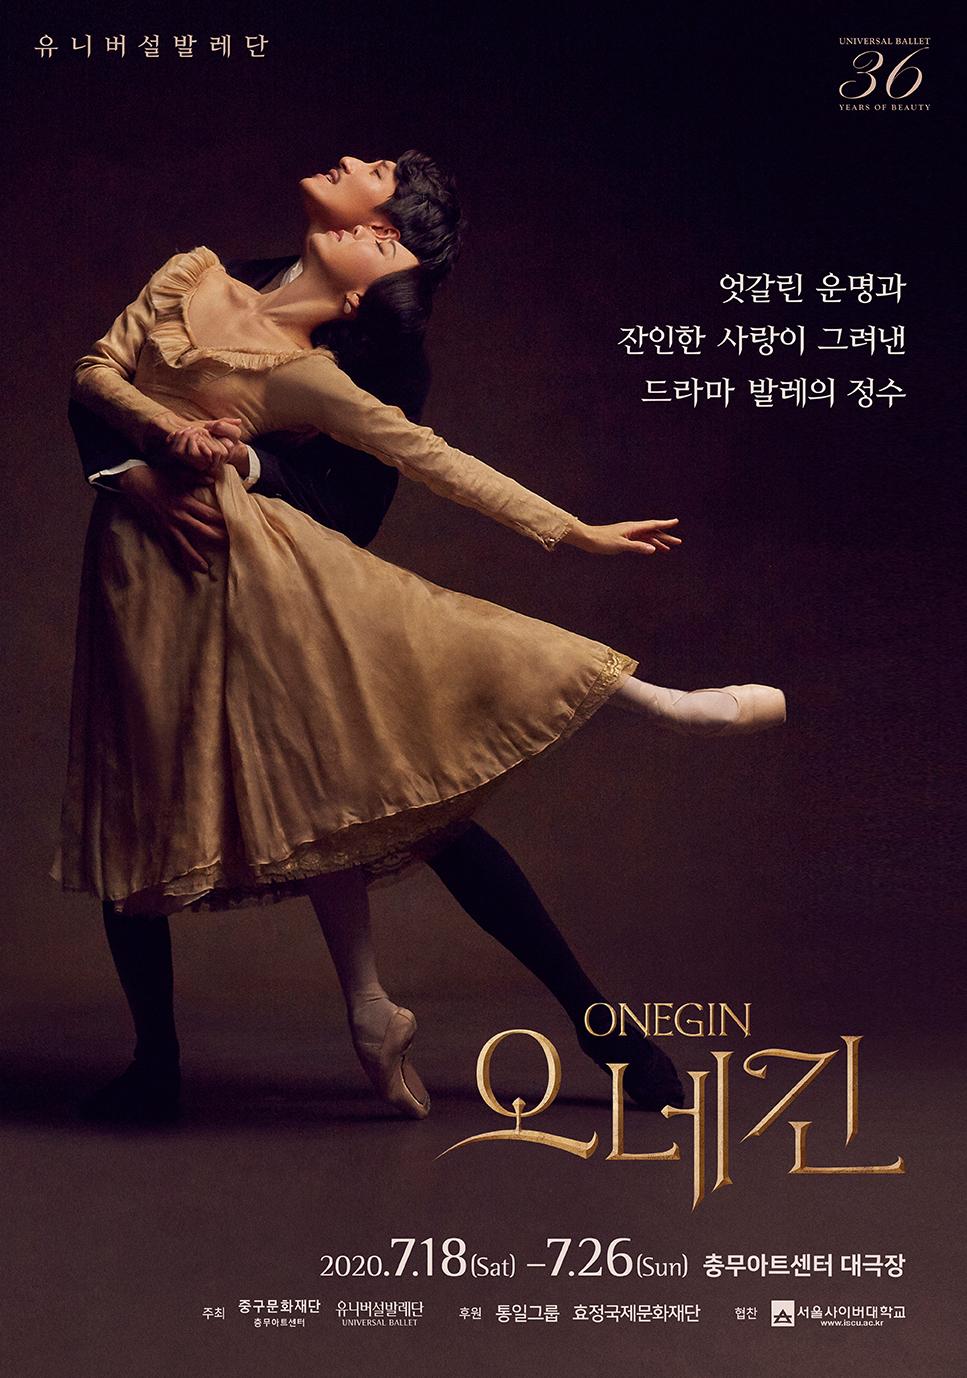 유니버설발레단, 두 남녀의 엇갈린 사랑을 그린 발레 <오네긴> 3년 만에 무대에